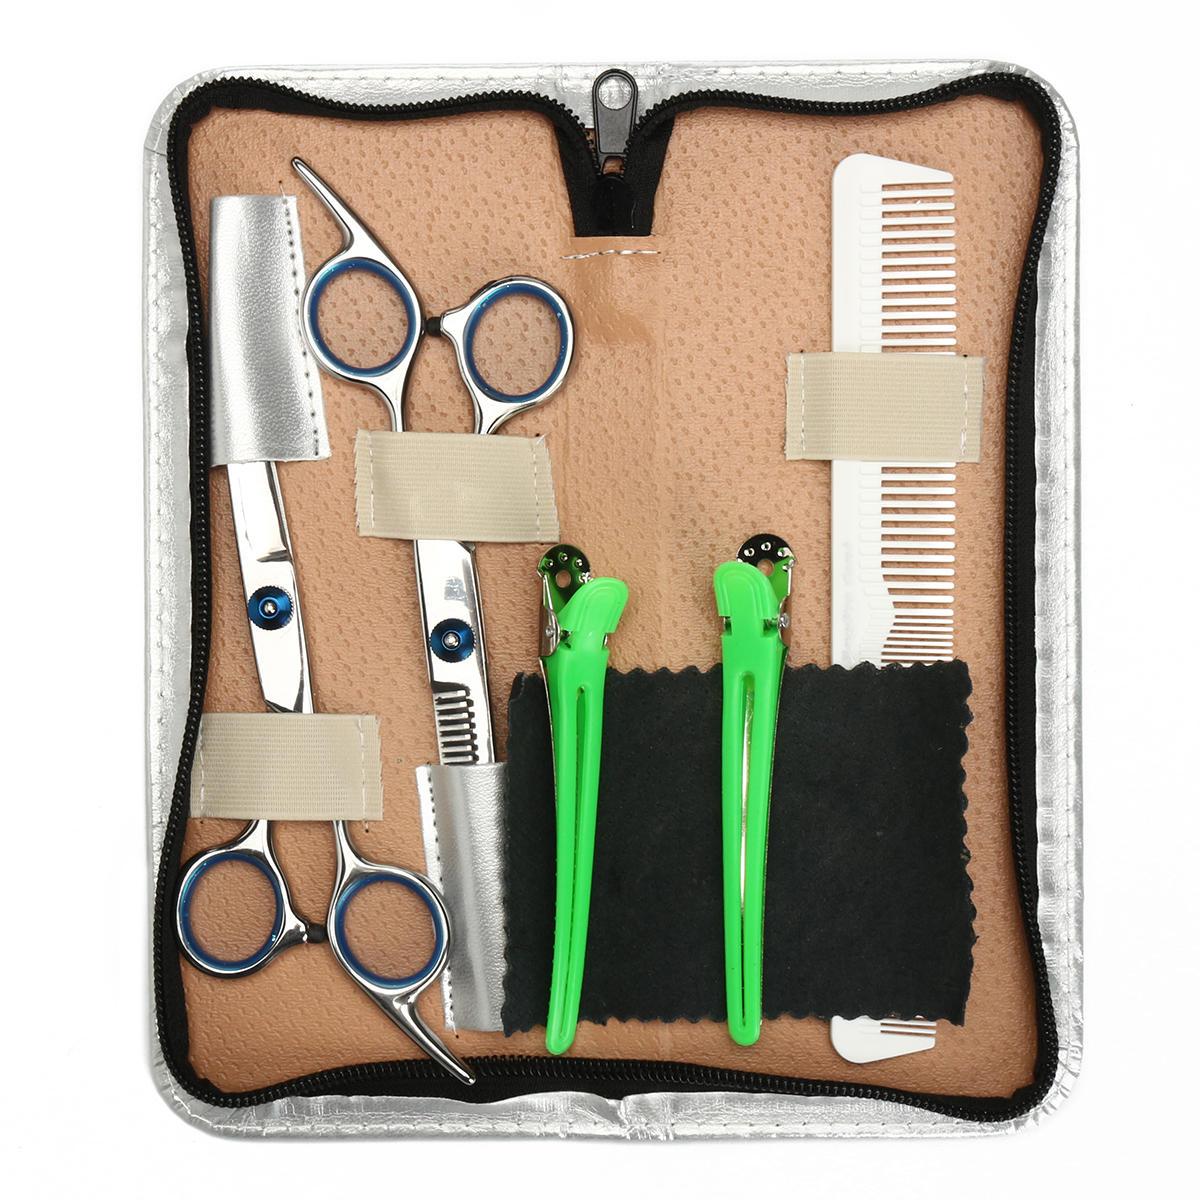 6,8 inch Salon Cắt tóc Kéo Kit Comb Clip Cắt tóc Kéo cắt tóc Làm tóc